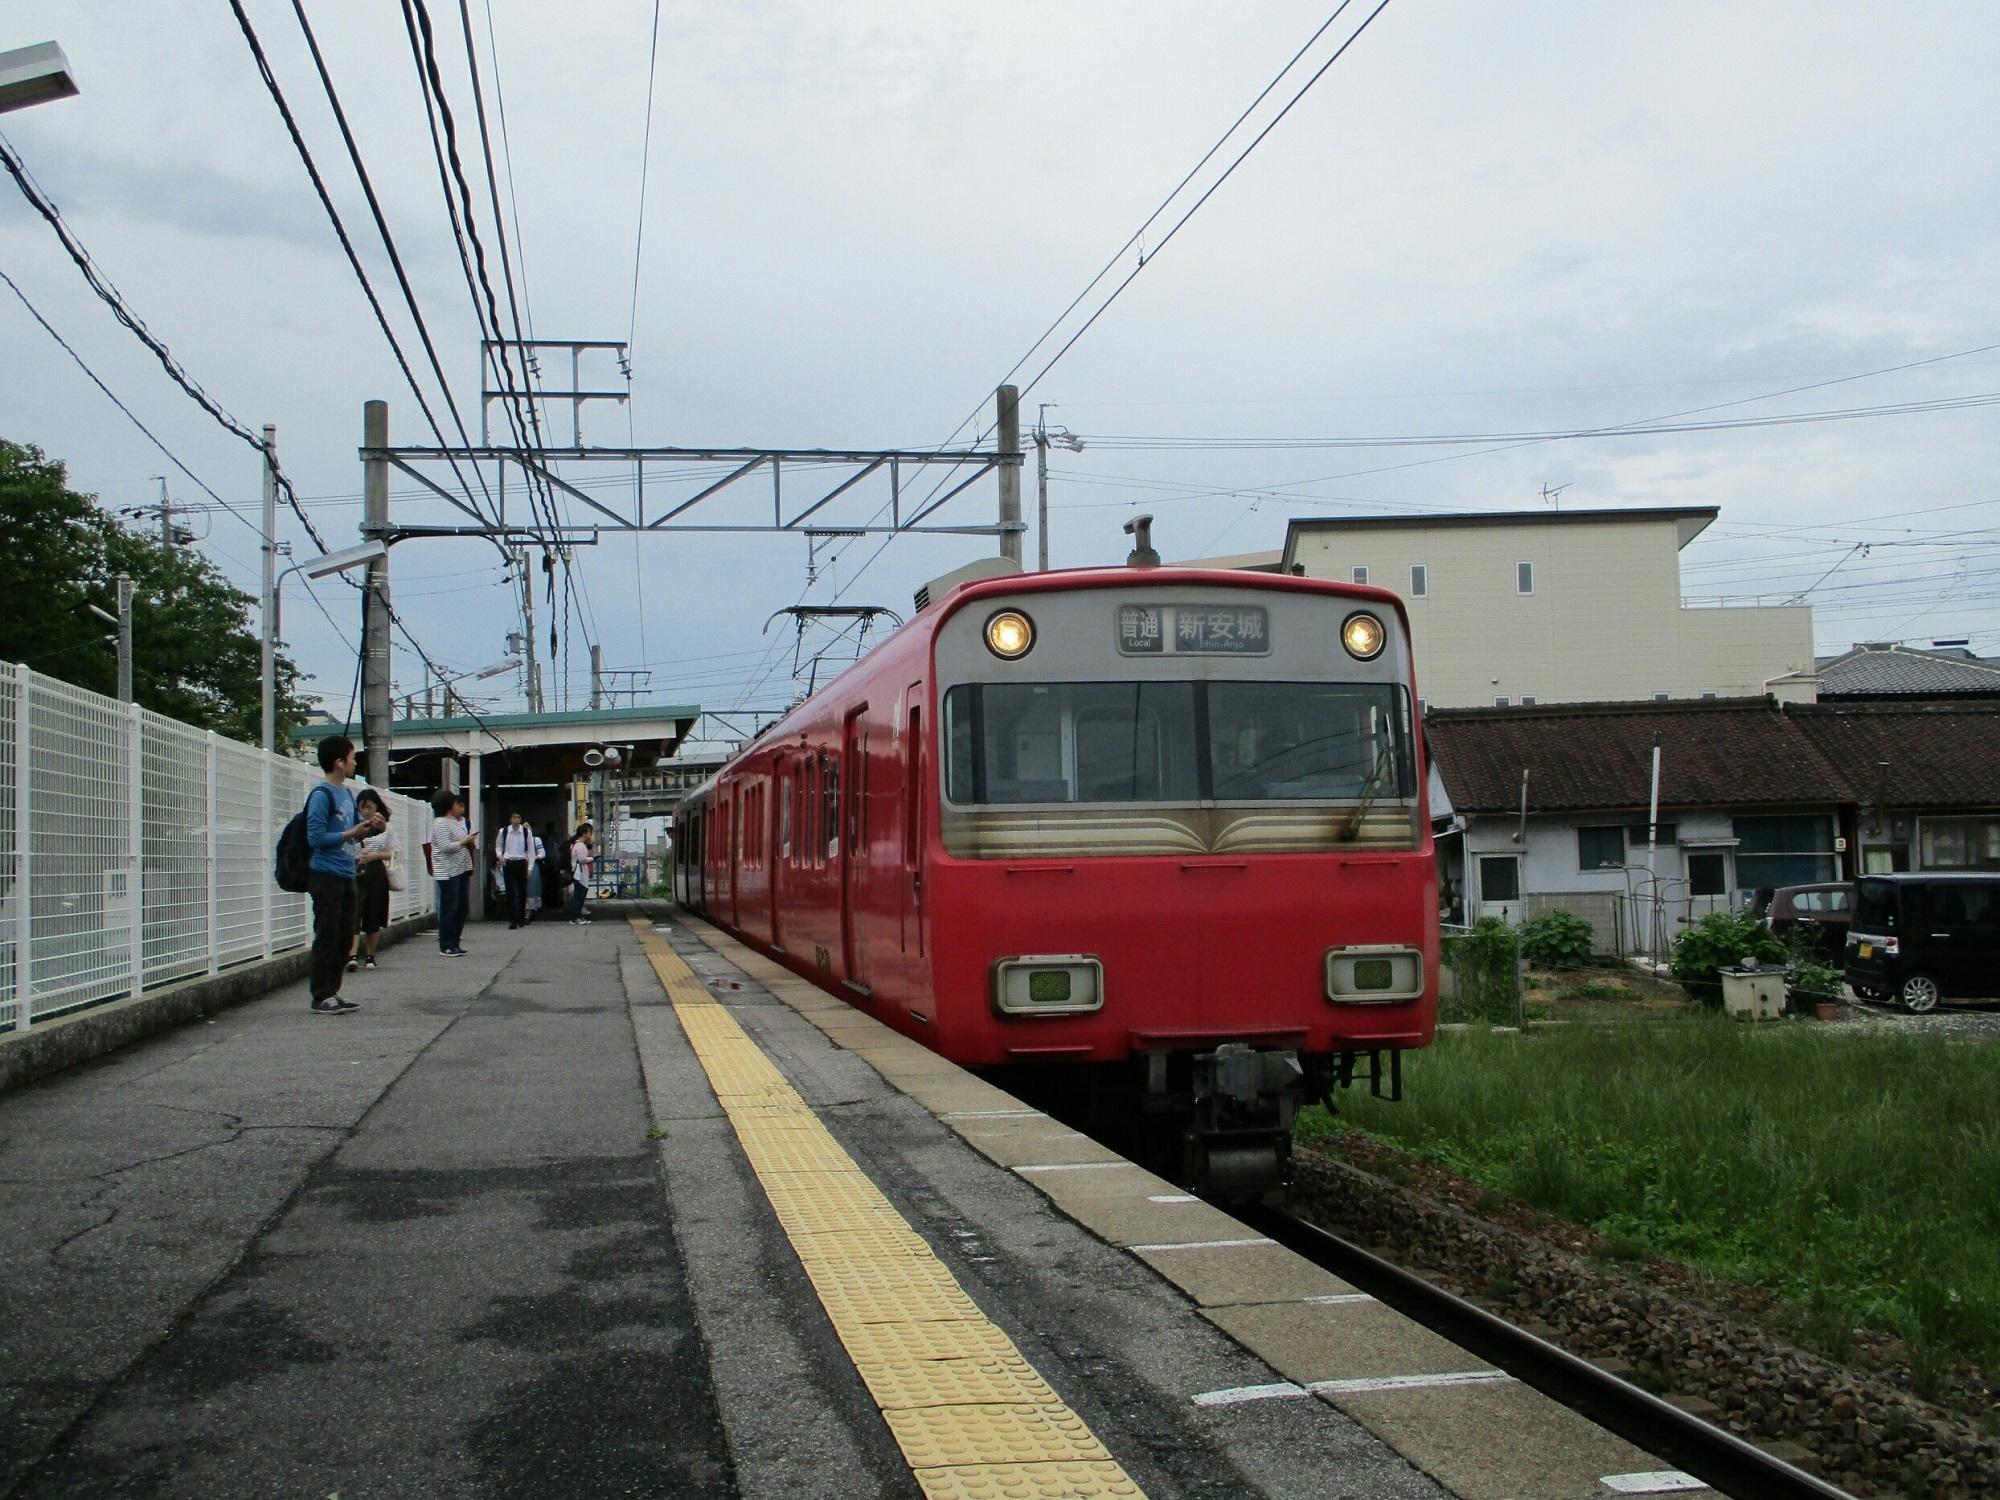 2018.6.21 (1) 古井 - しんあんじょういきふつう 2000-1500